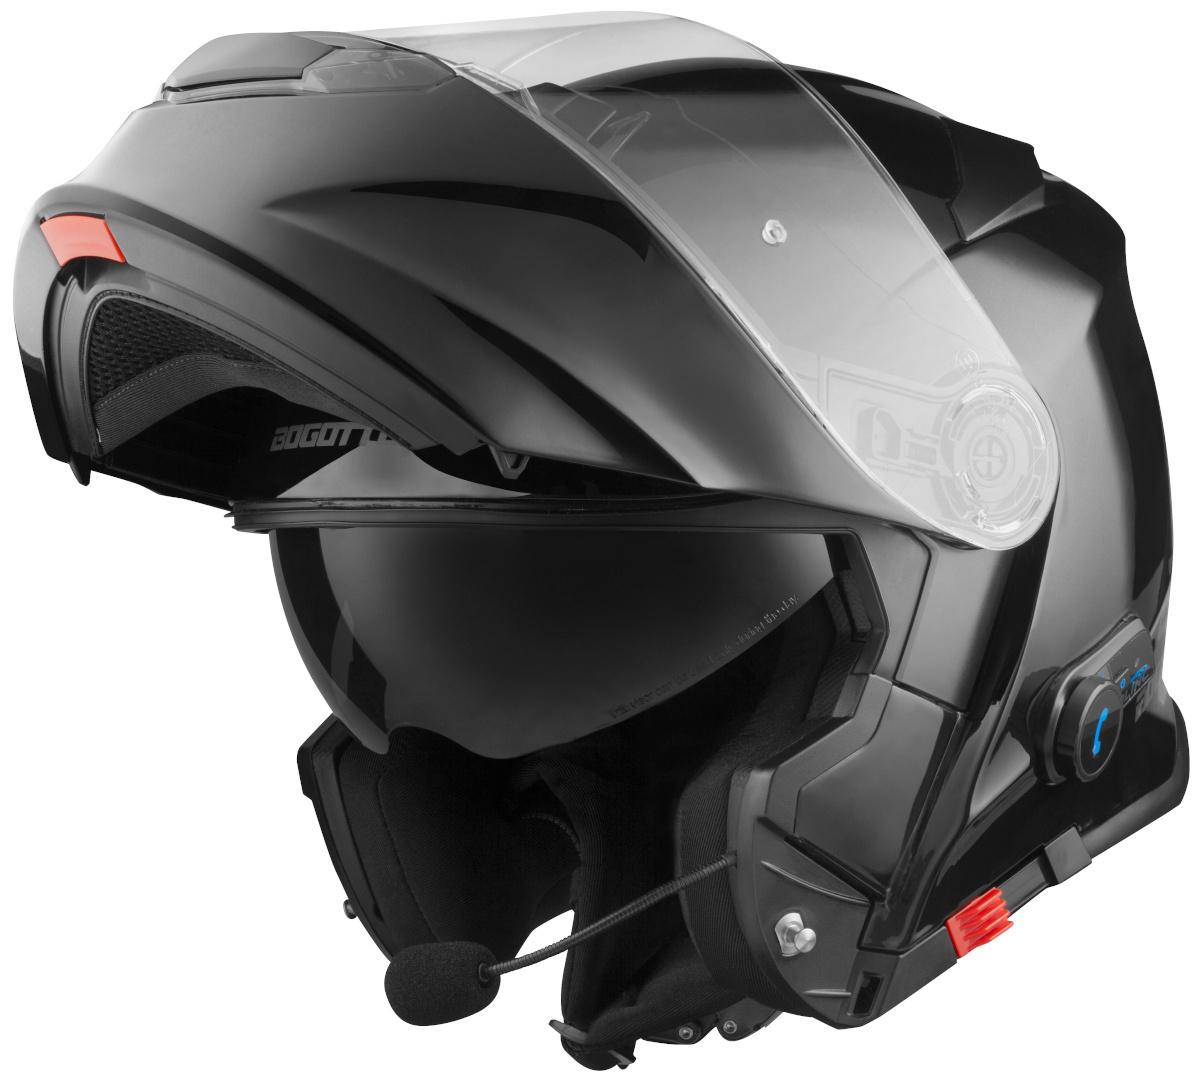 Bogotto V271 BT Bluetooth Klapphelm, schwarz, Größe 2XL, schwarz, Größe 2XL